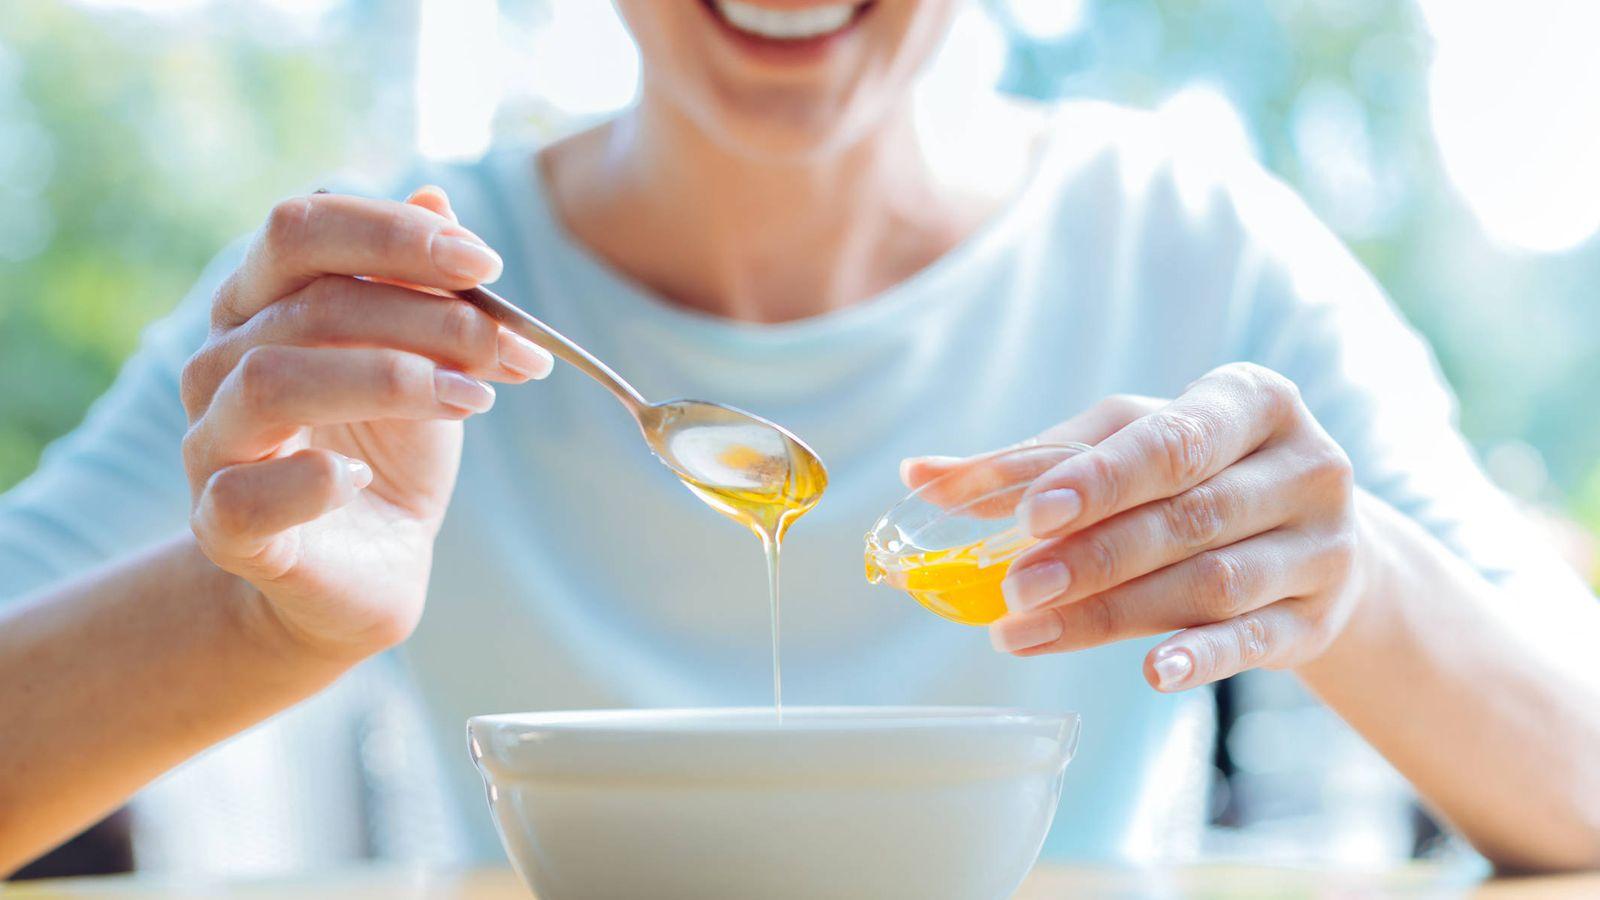 Seguridad alimentaria: Por qué es mejor tomar miel con moderación: nueva  advertencia